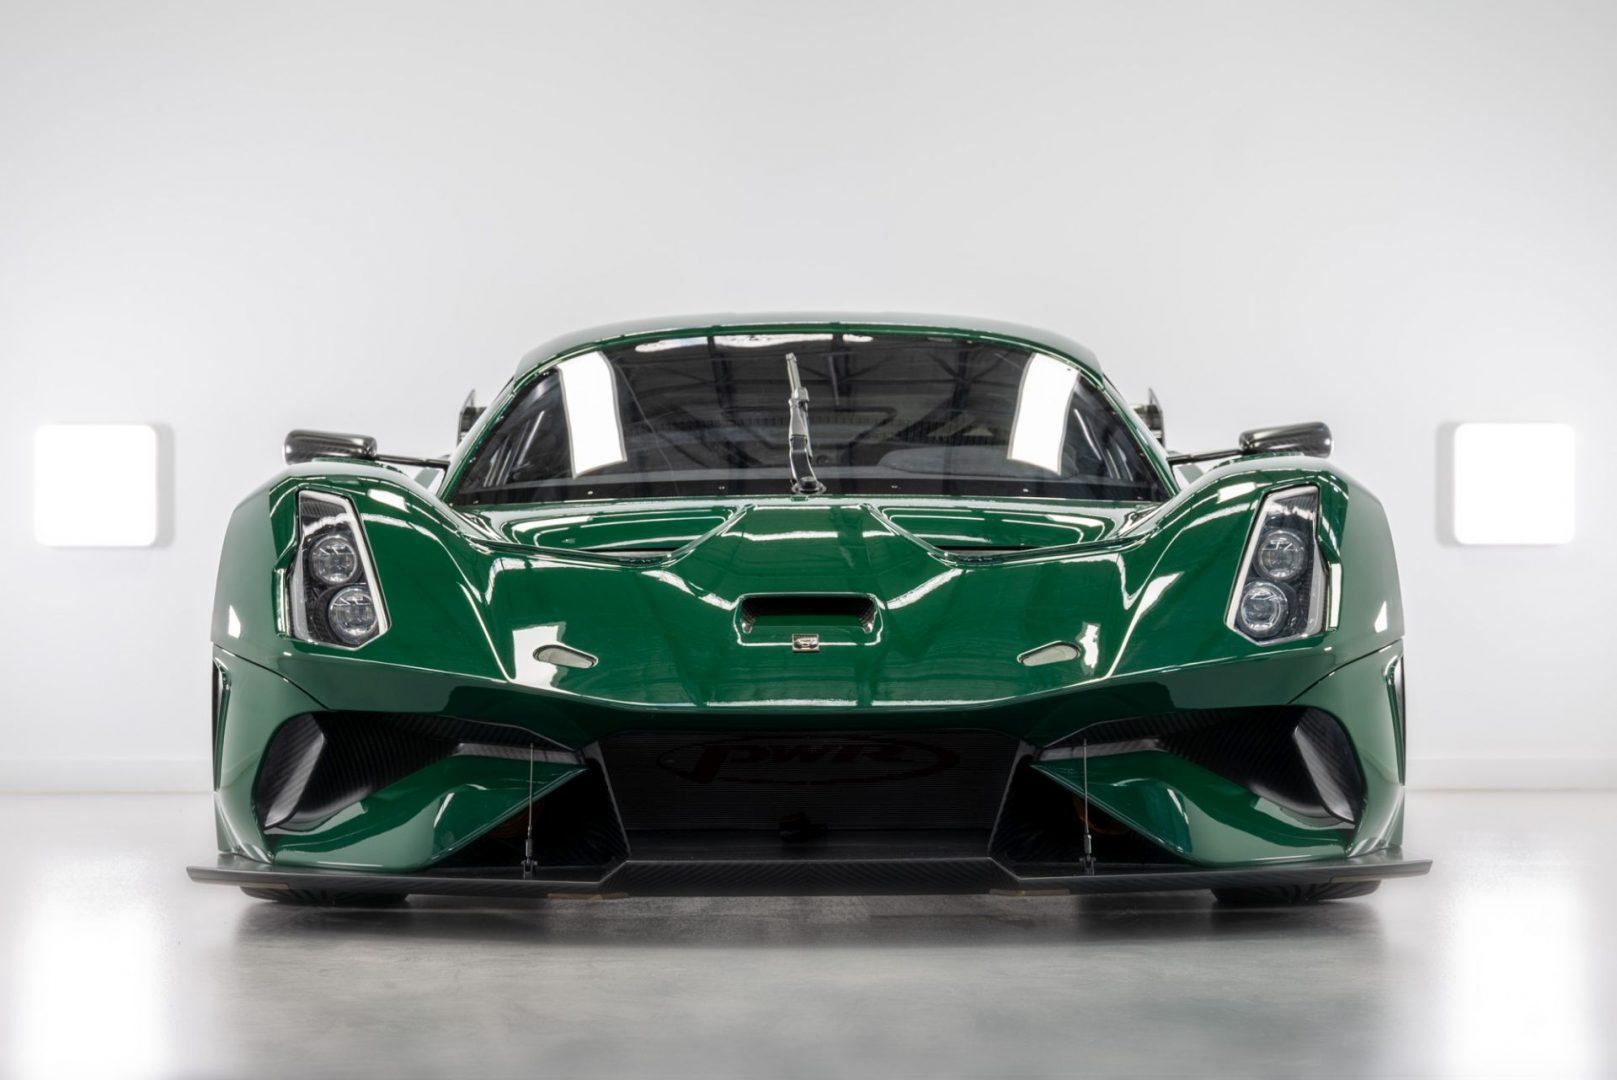 700 KS snažan Brabham BT62 Competition bit će napravljen u svega 70 primjeraka